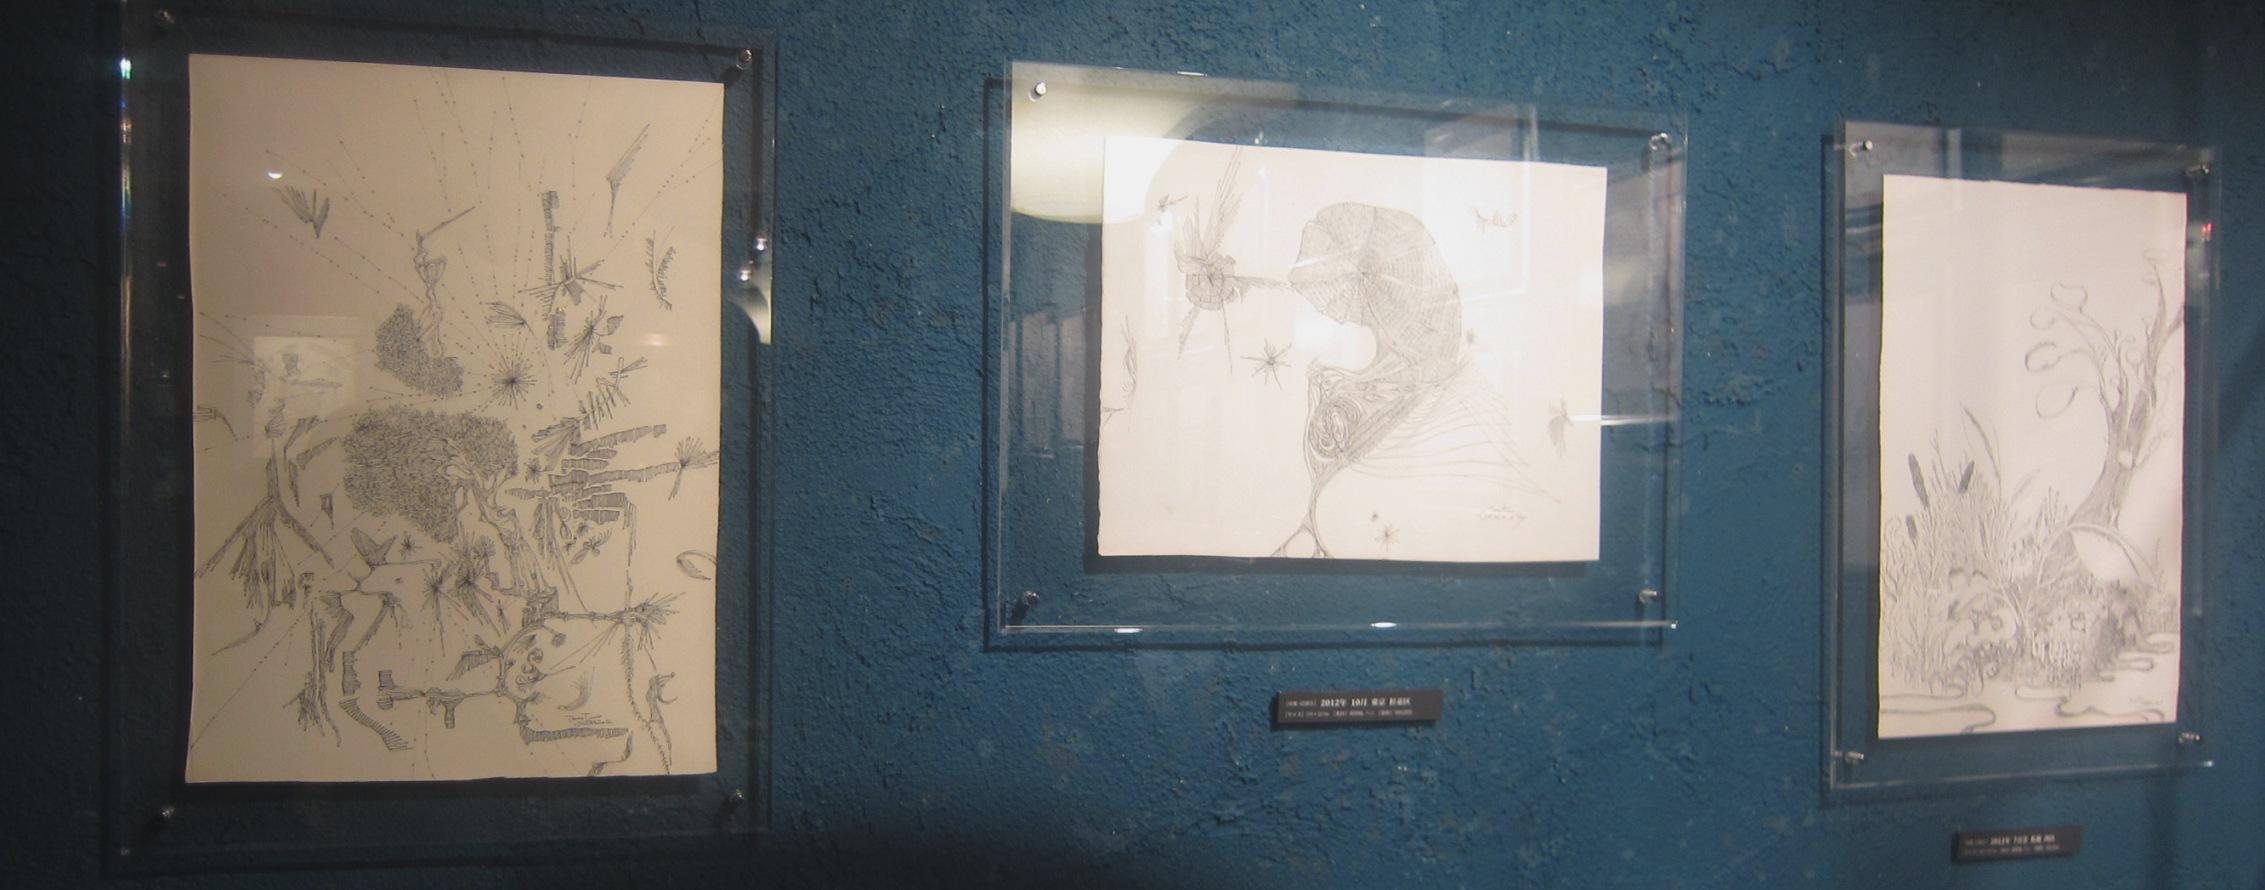 1964)「内山睦 展 『幻想植物譜』」 カフェエスキス 2月14日(木)~3月12日(火)_f0126829_745322.jpg